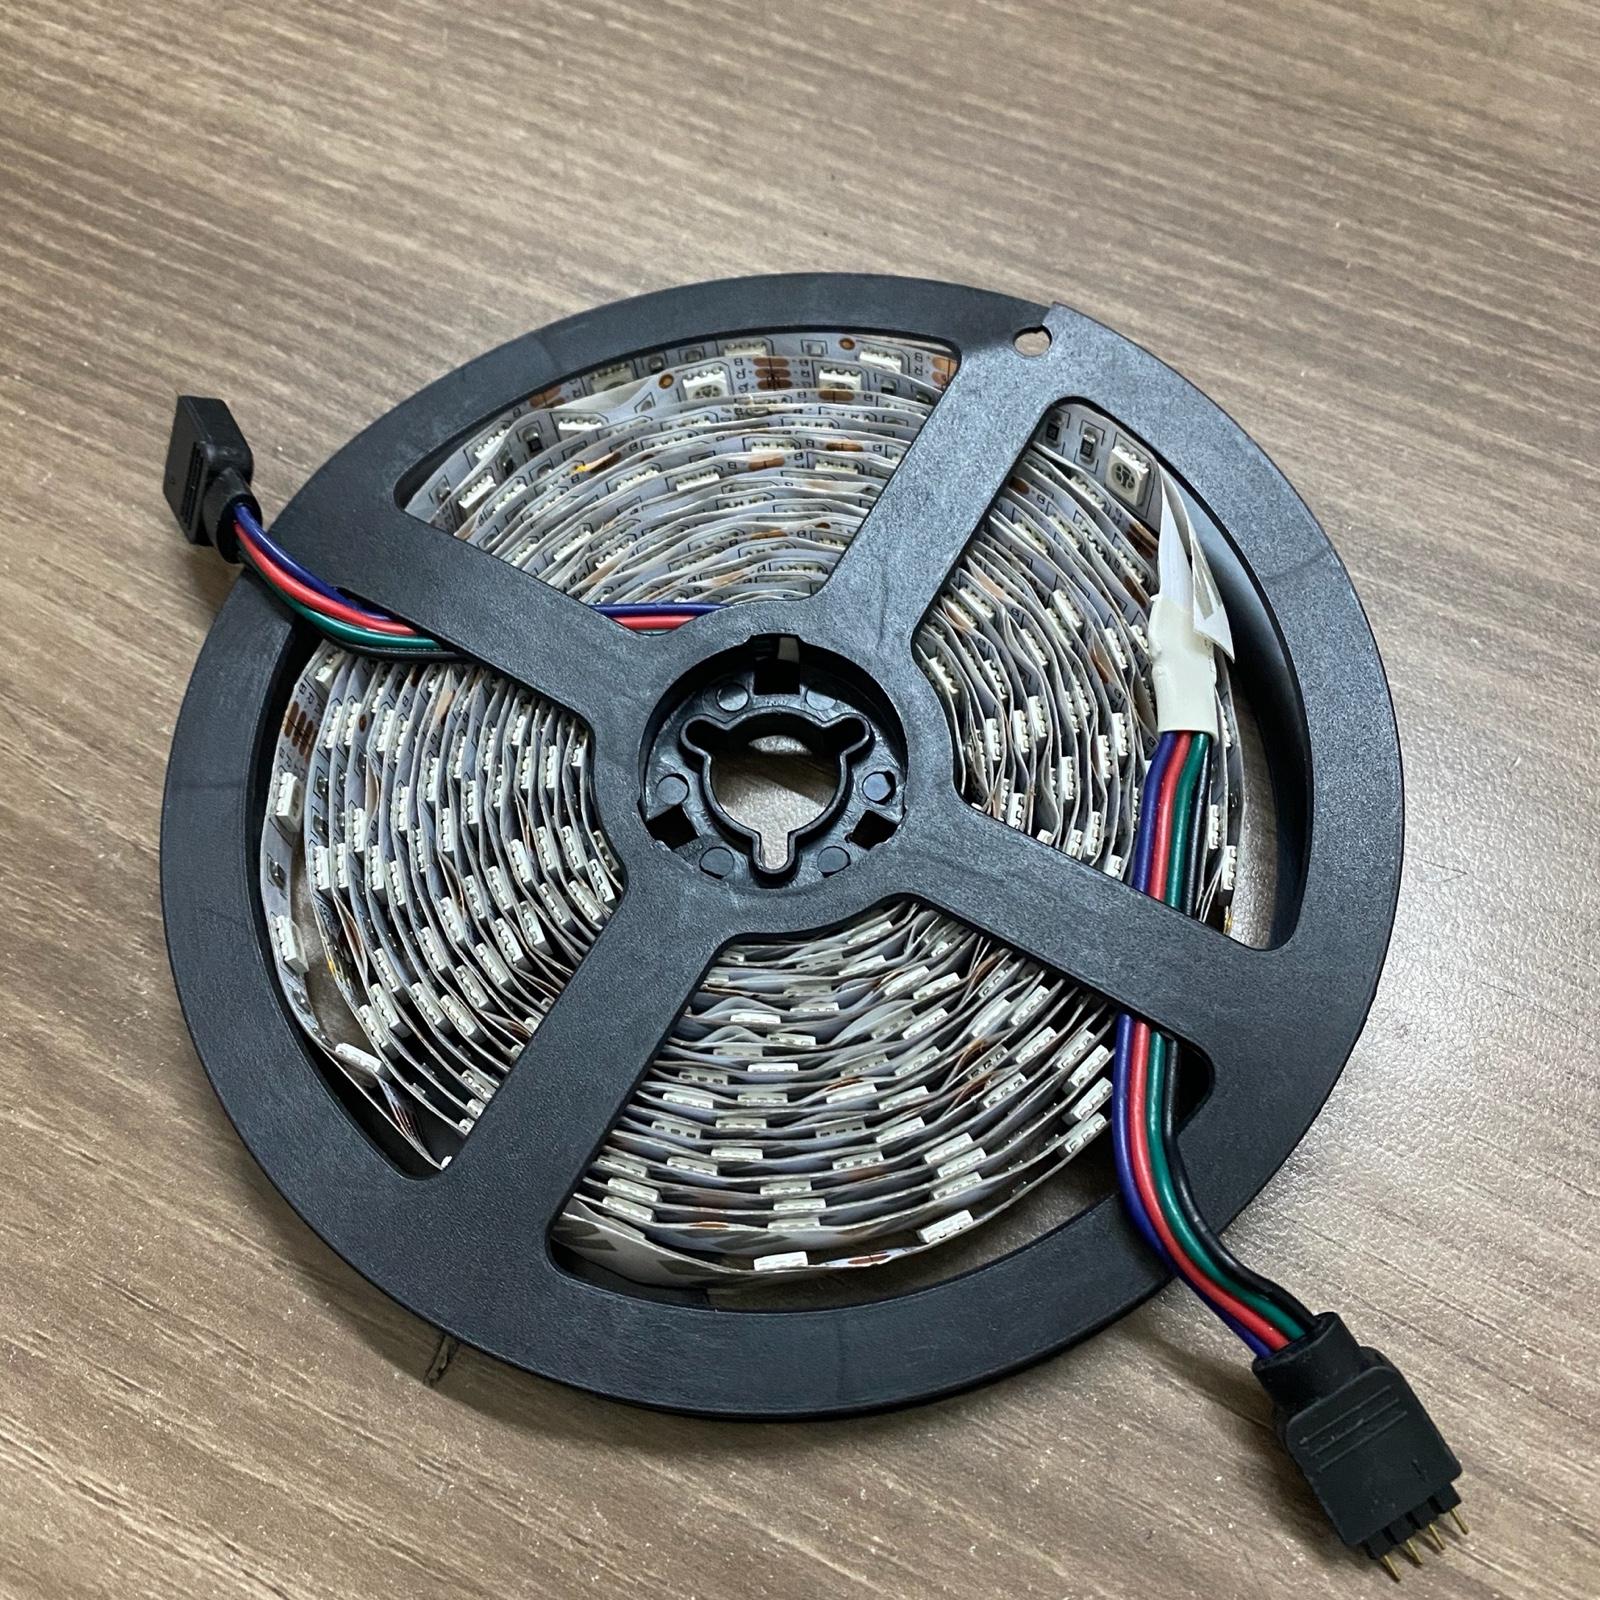 【5米RGB灯带】12v5050贴片彩色RGB灯带 盘式灯带低至6.5人名币丨5米RGB灯带6.5元